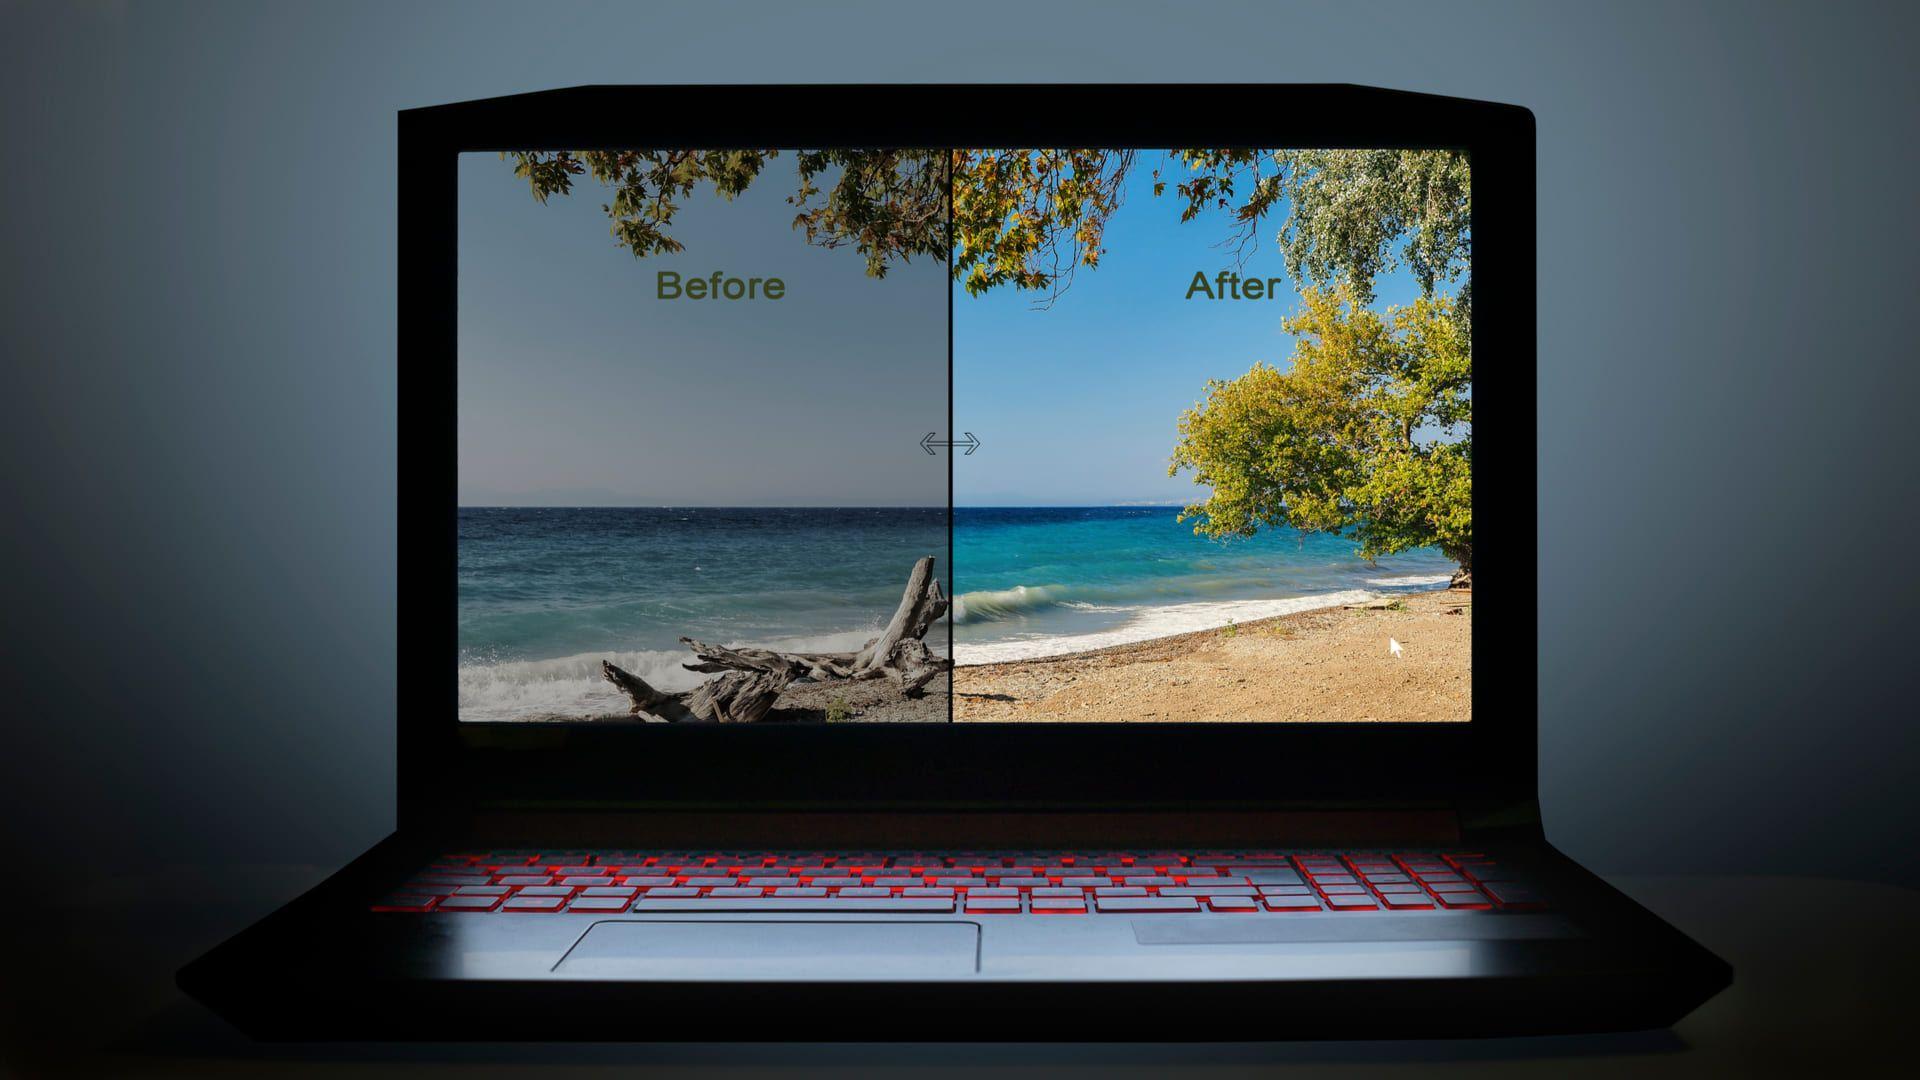 Apostar em aplicativos, sites e programas para melhorar qualidade da foto é um recursos indispensável nos dias atuais (Fonte: Shutterstock)